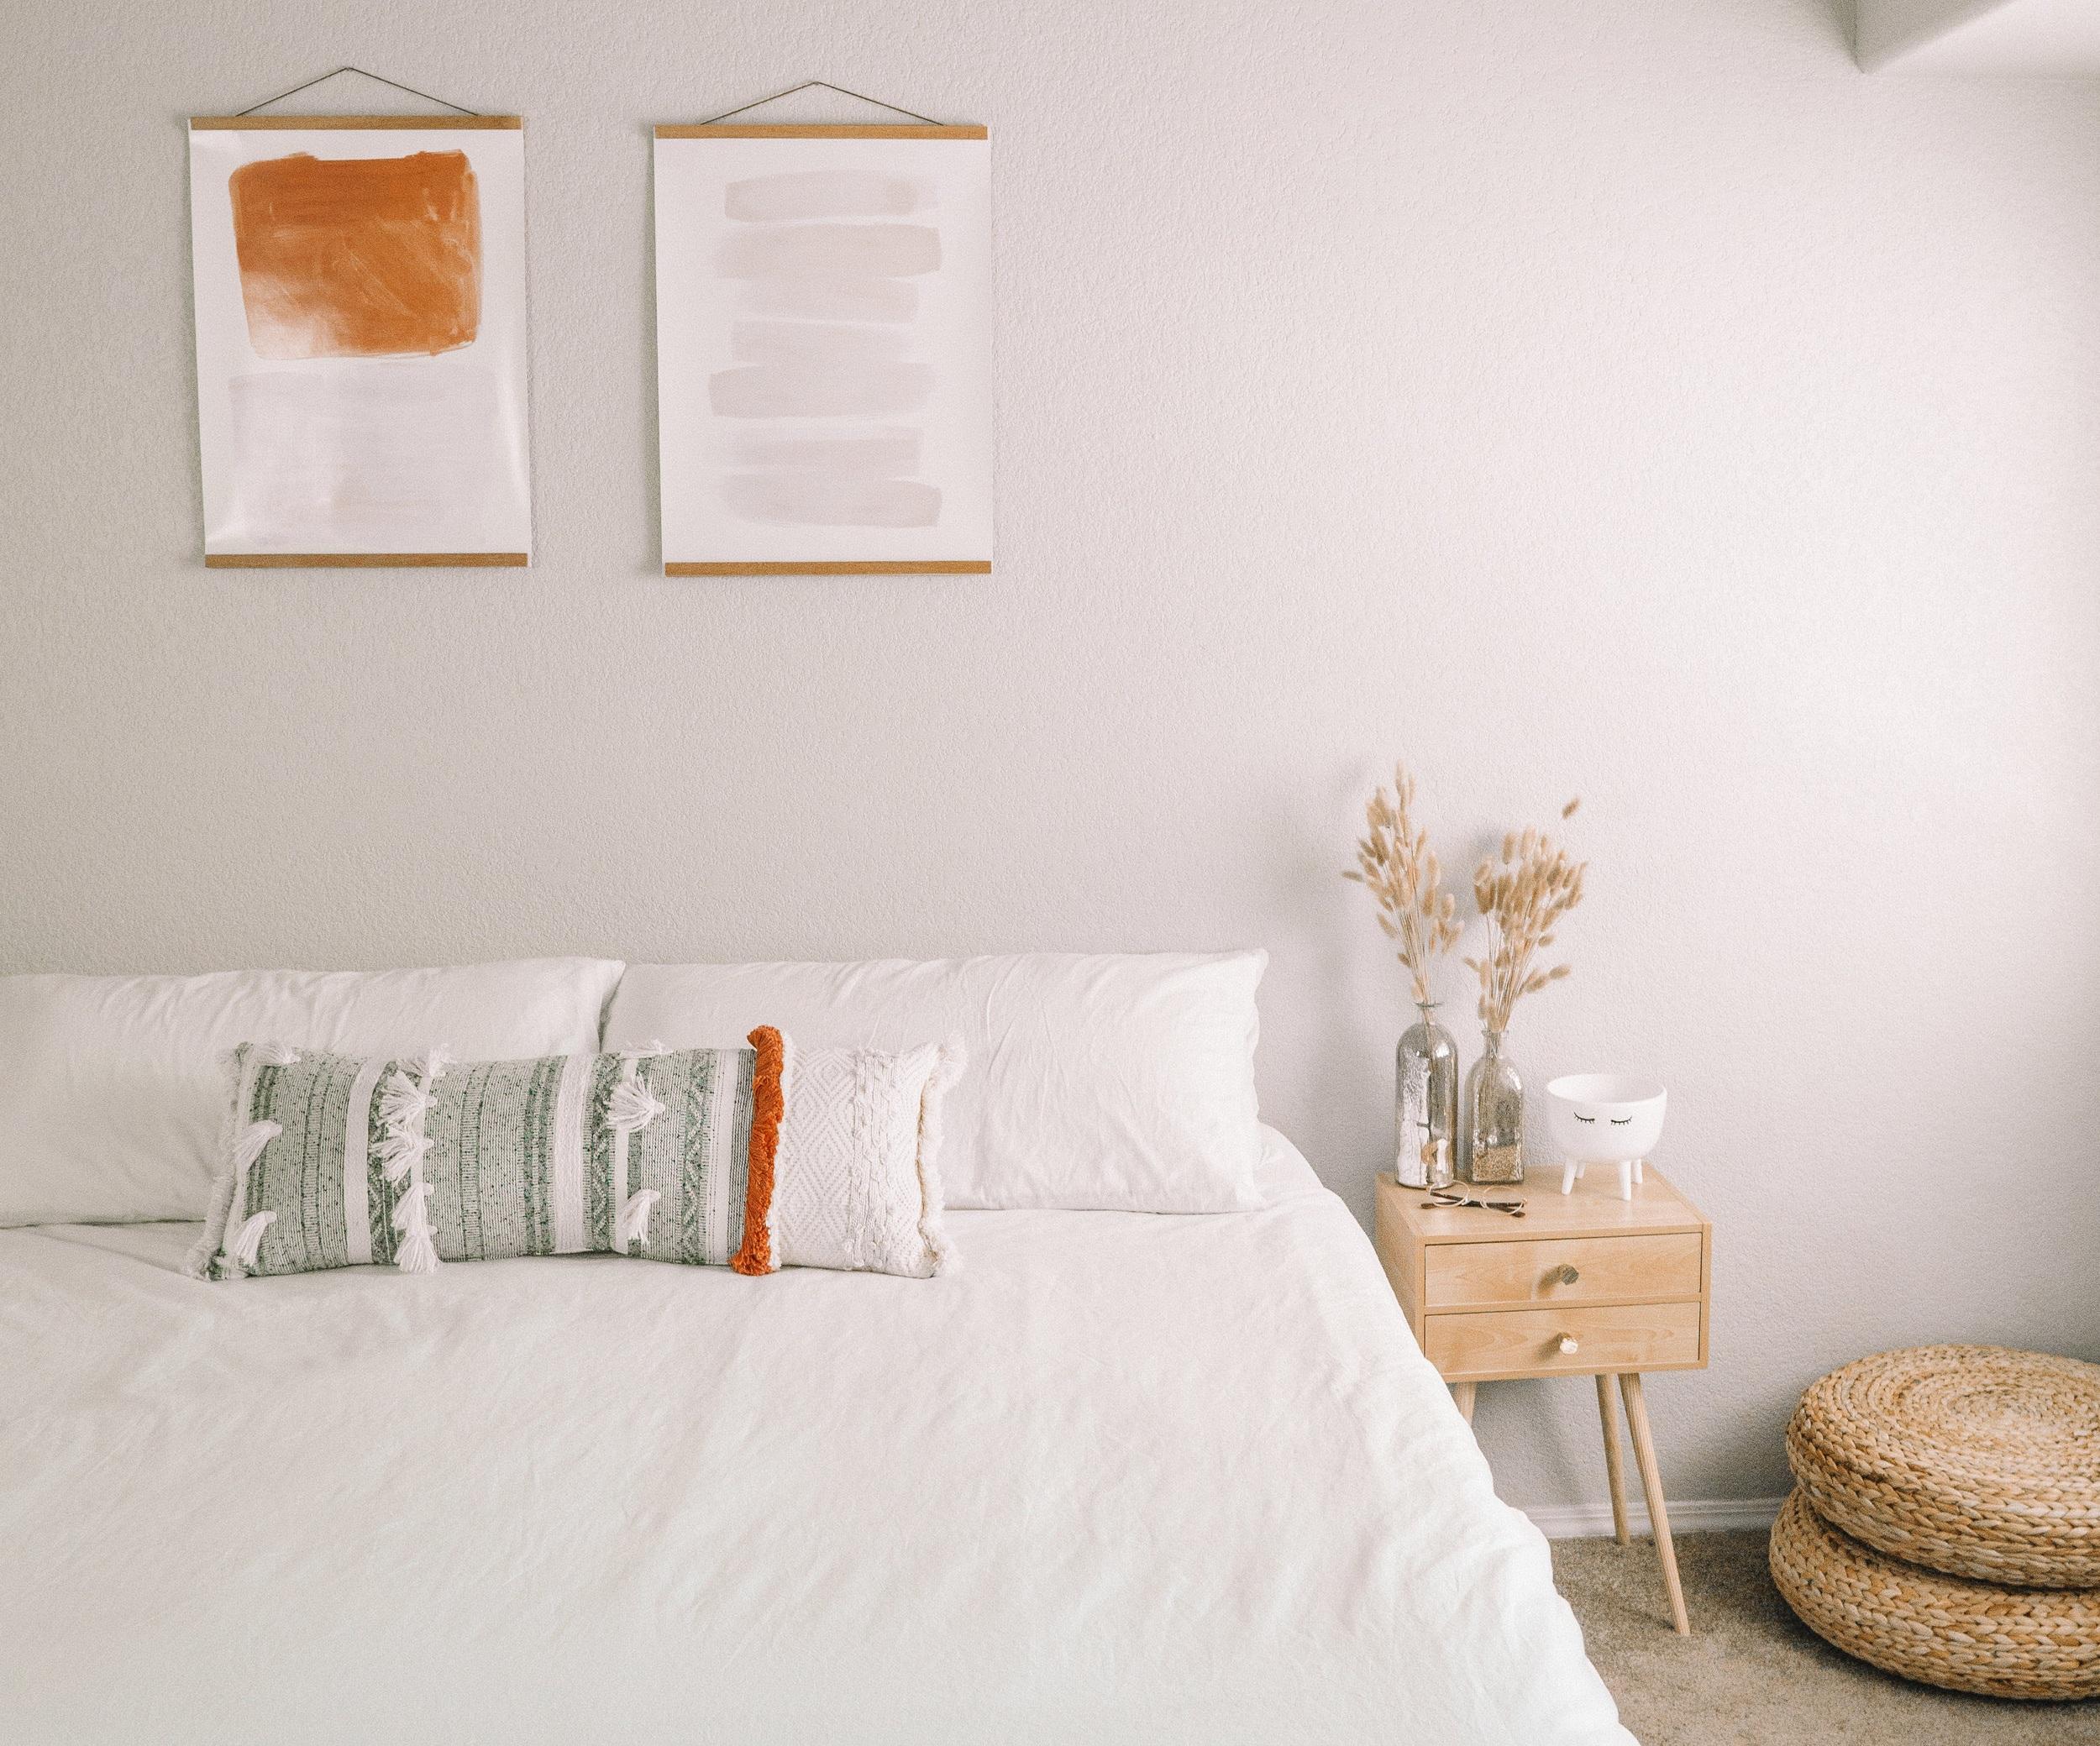 boho-bedroom-ideas-2019-2